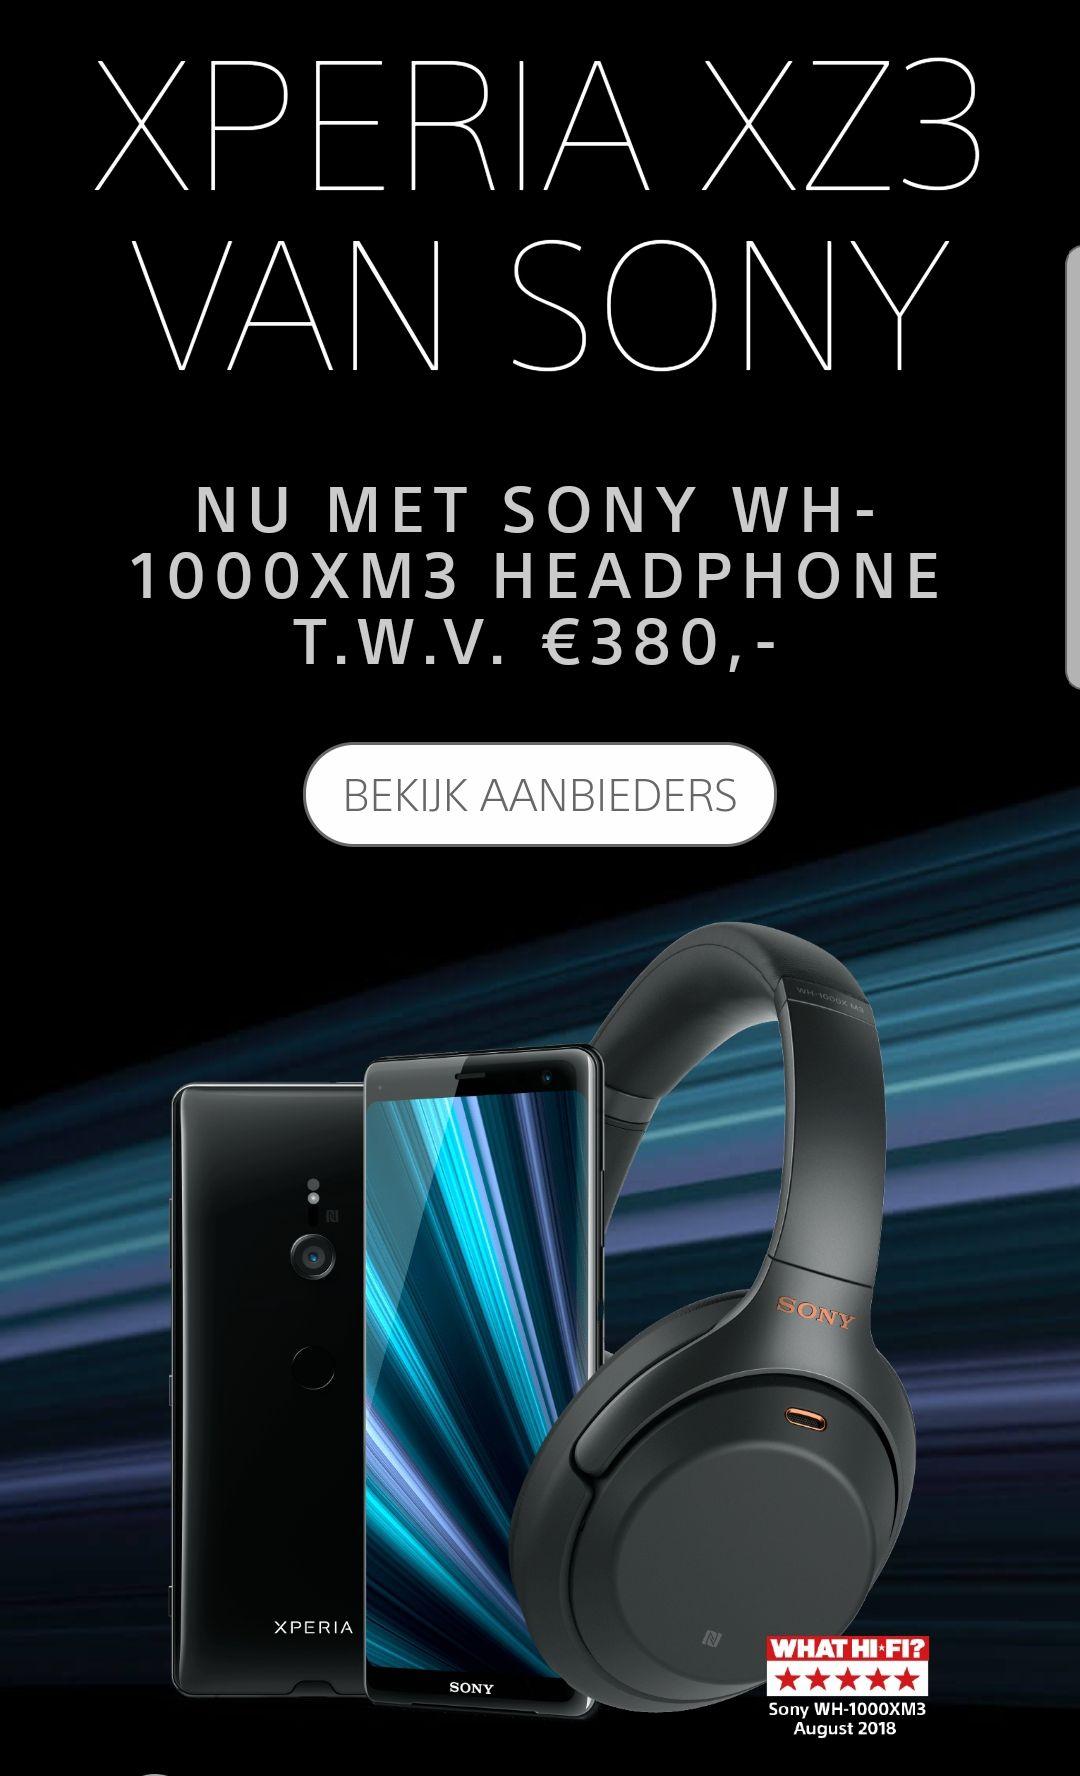 Gratis Sony WH-1000XM3 headphone bij aankoop van Xperia Z3